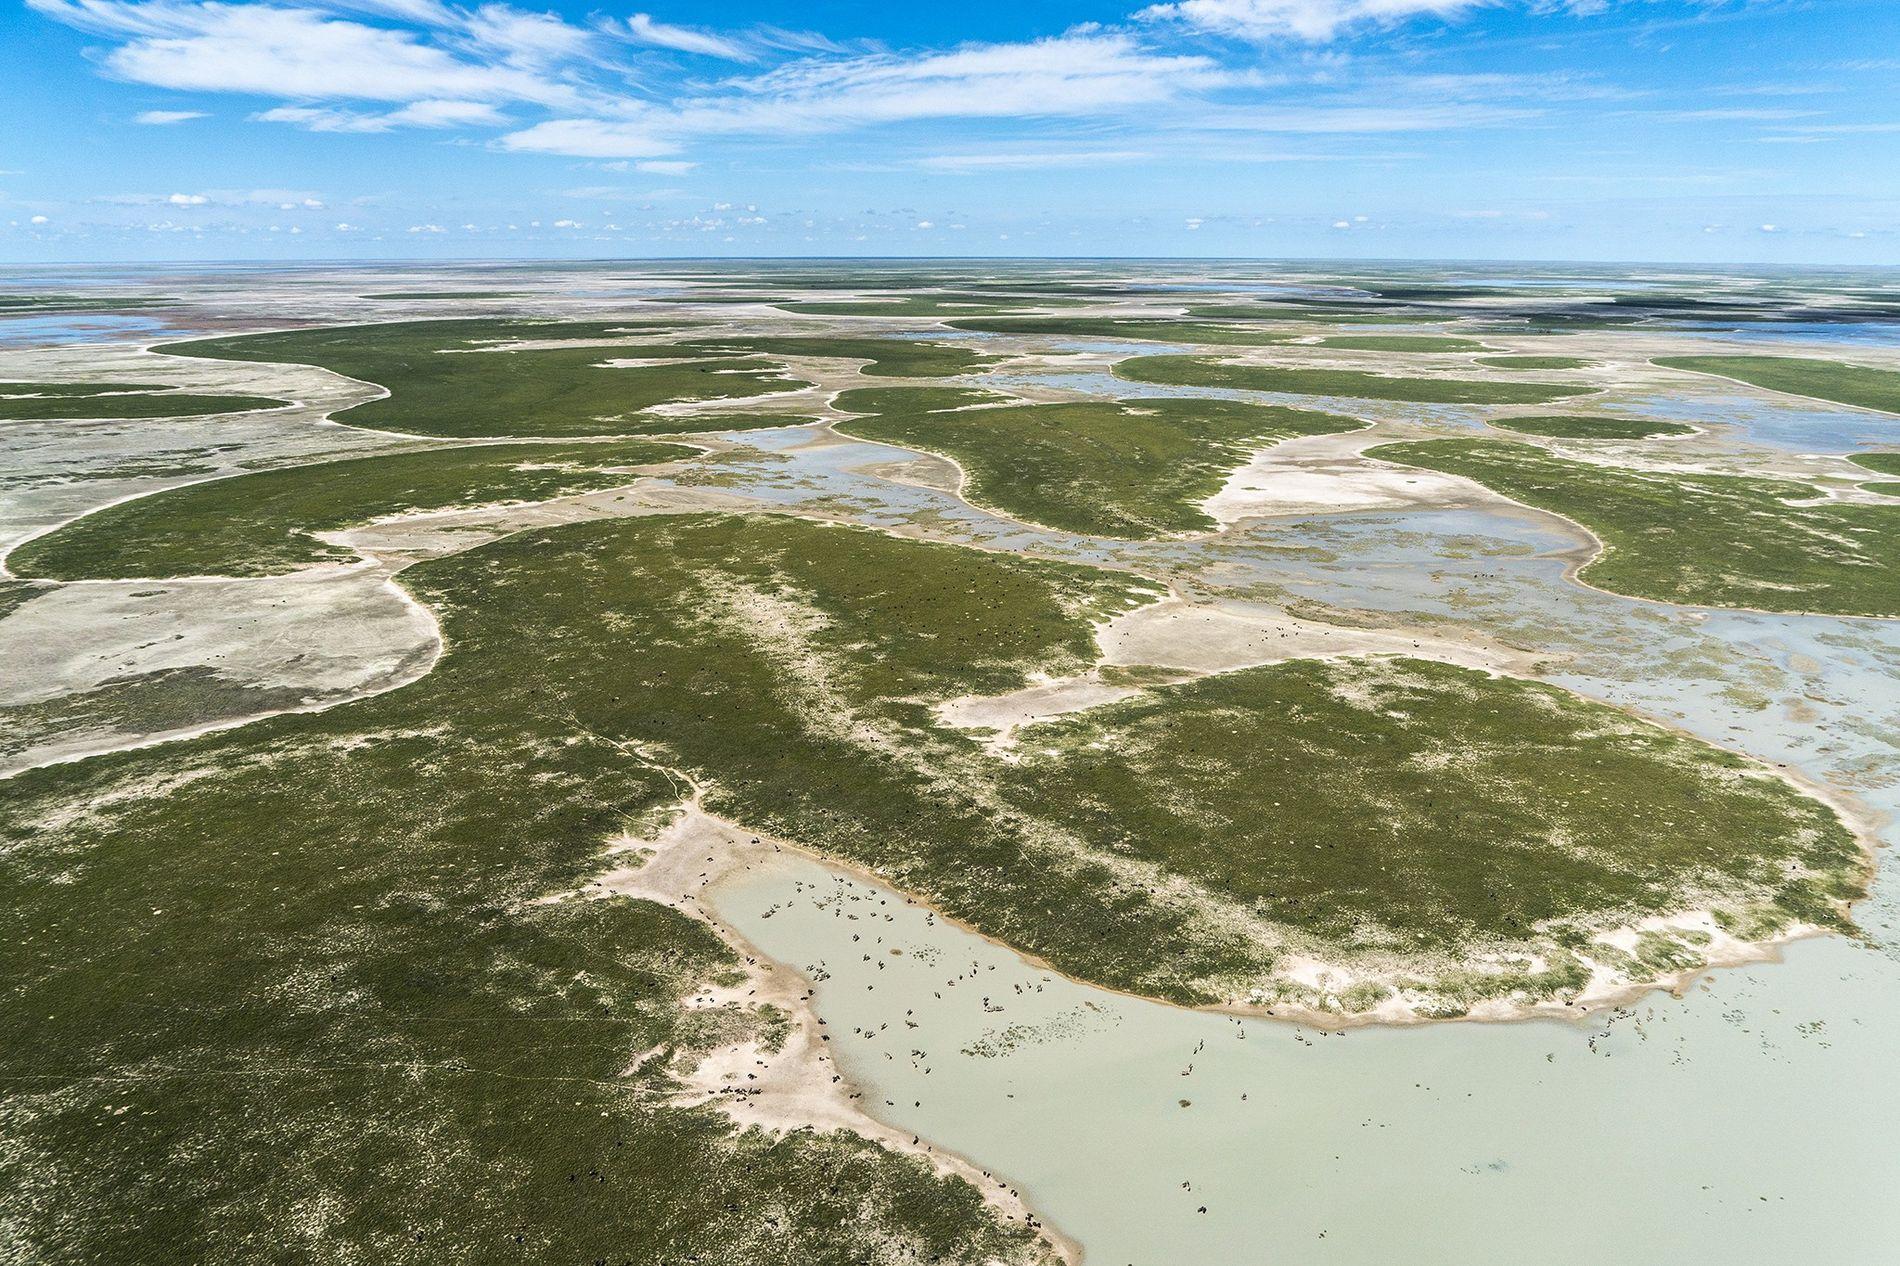 Un polémico nuevo estudio alega que los antiguos humedales al sur del río Zambeze fueron el oasis de dónde emergieron todos los seres humanos modernos. Hoy, la región es una de las salinas más grandes del mundo conocida como los salares de Makgadikgadi.